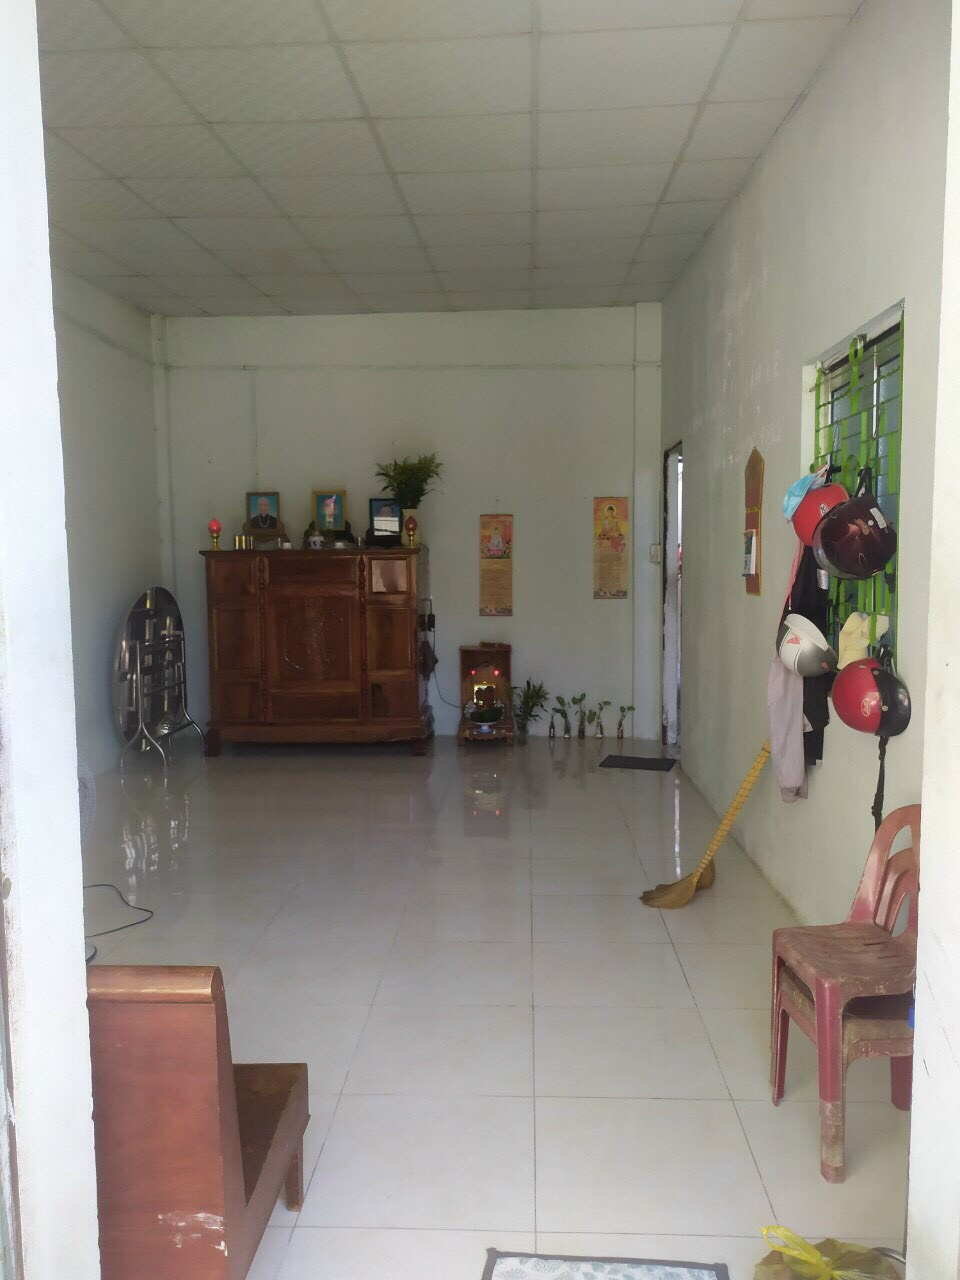 Cần bán Nhà ở, nhà cấp 4, nhà hẻm đường Hoa Lâm, Phường Việt Hưng, Diện tích 40m², Giá 2.8 Tỷ - LH: 0336866307